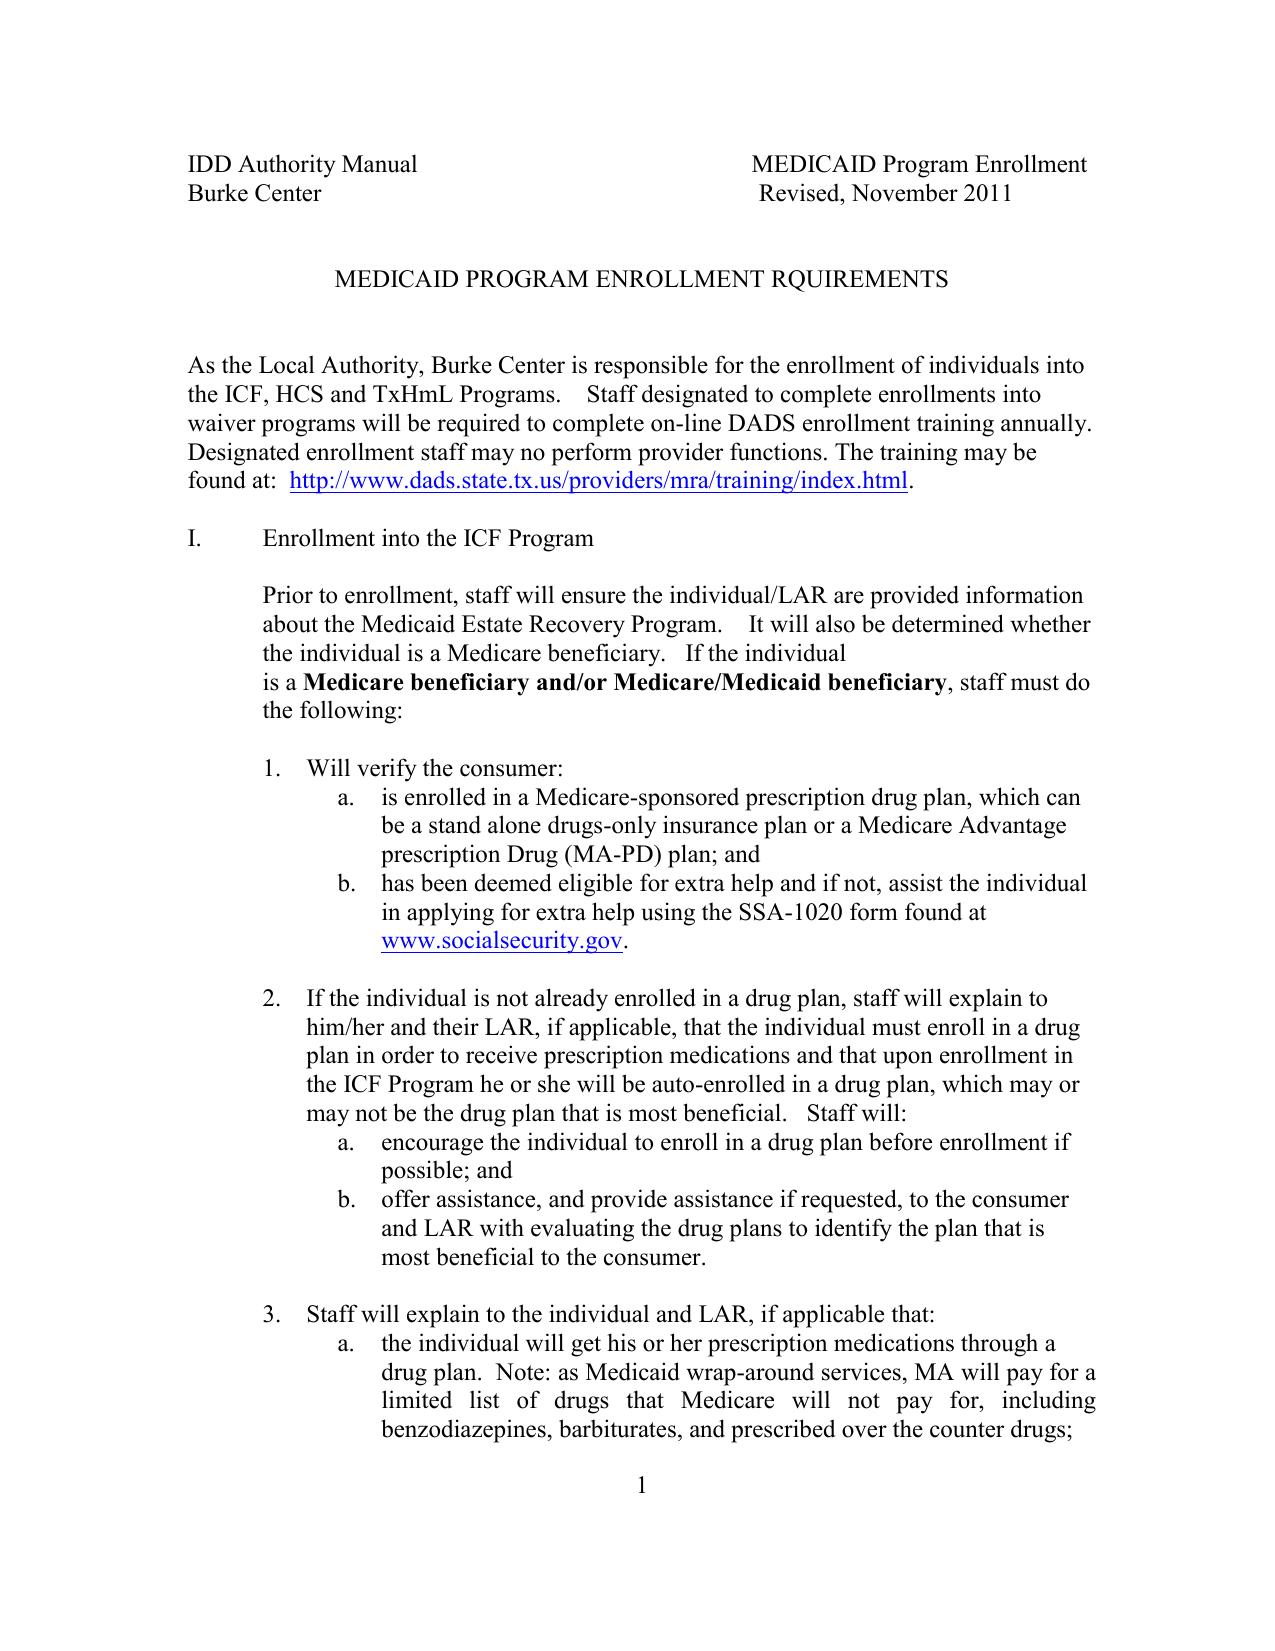 medicaid program enrollment rquirements